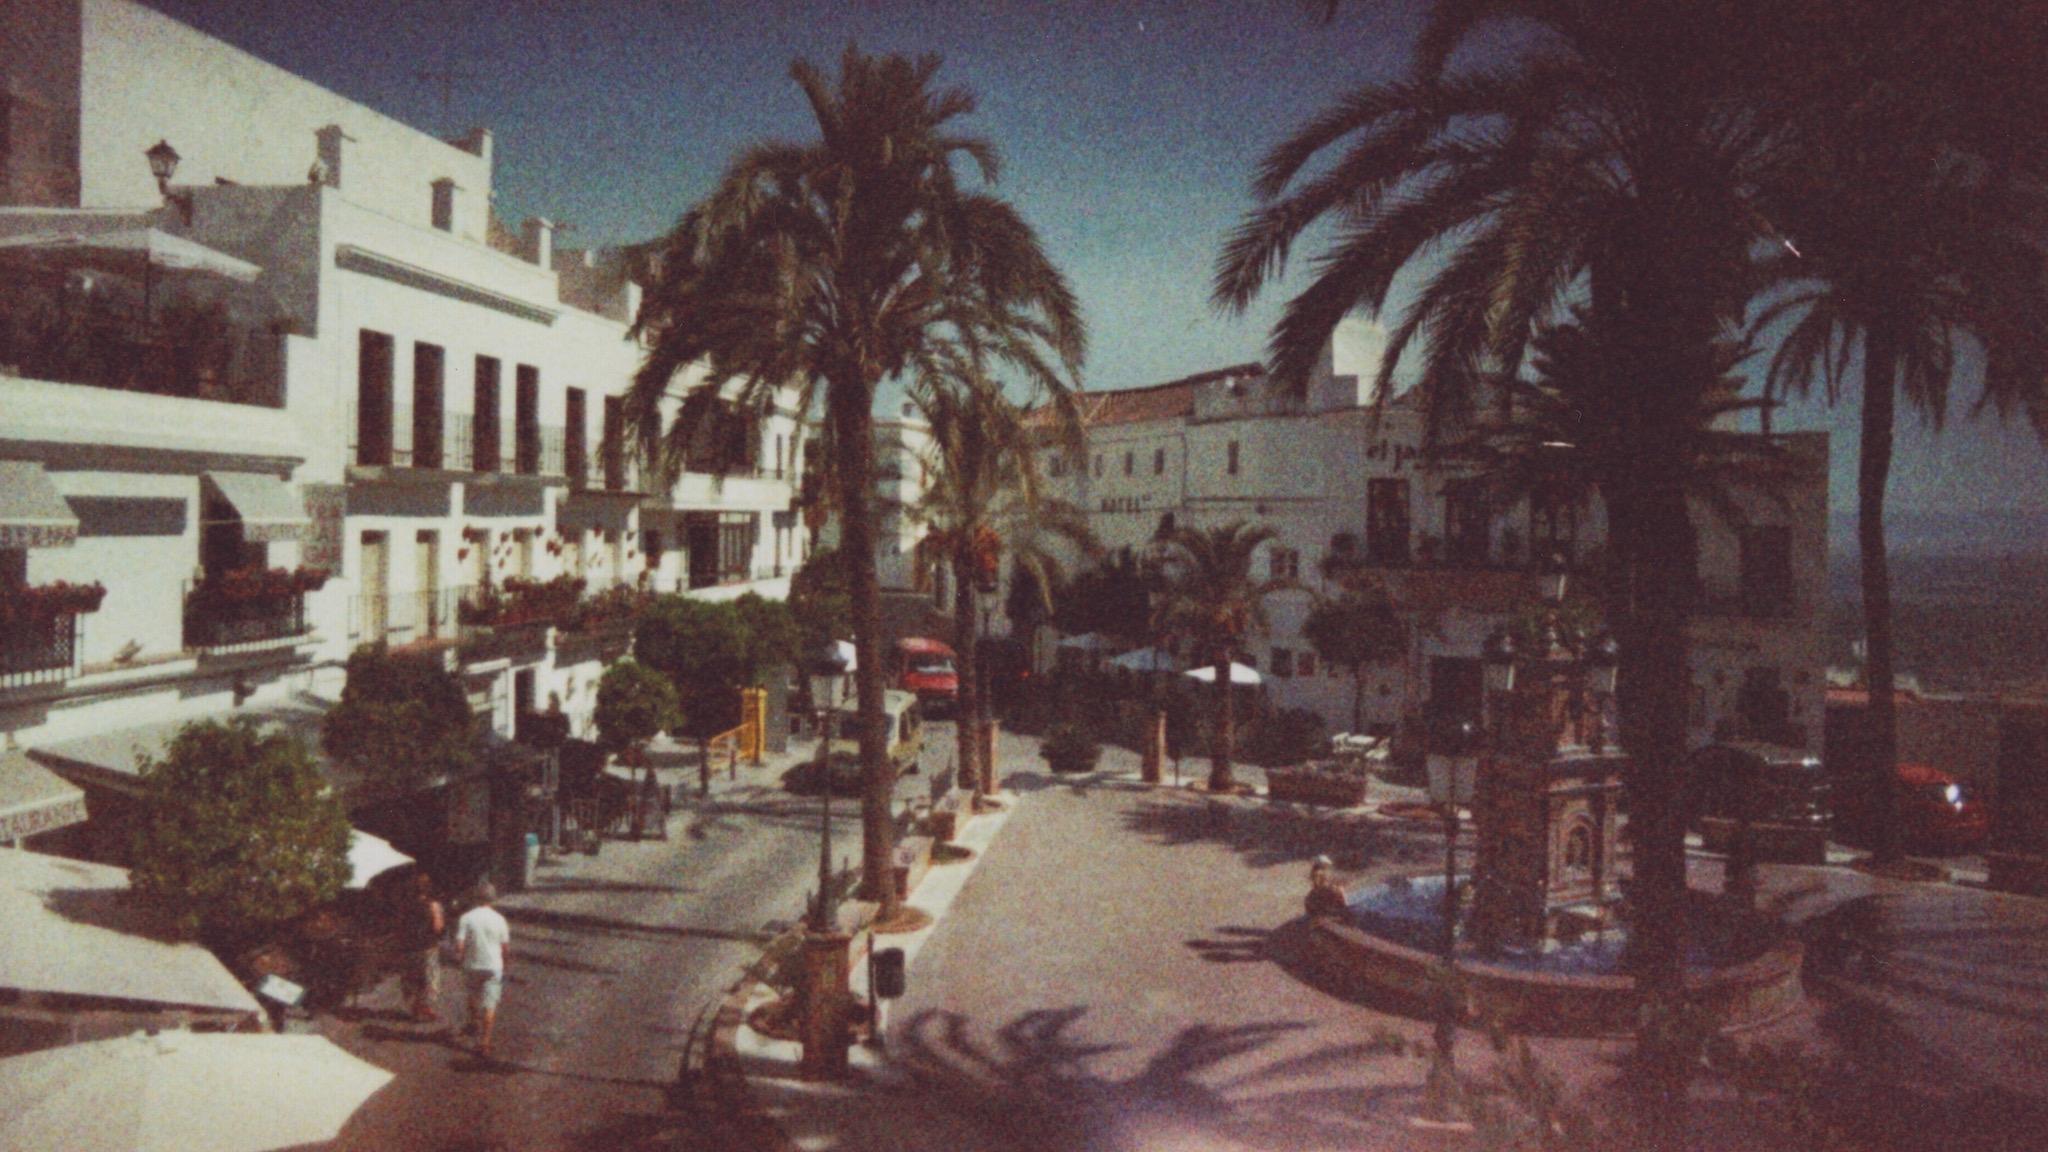 Vejer de la Frontera, Cádiz province, Spain